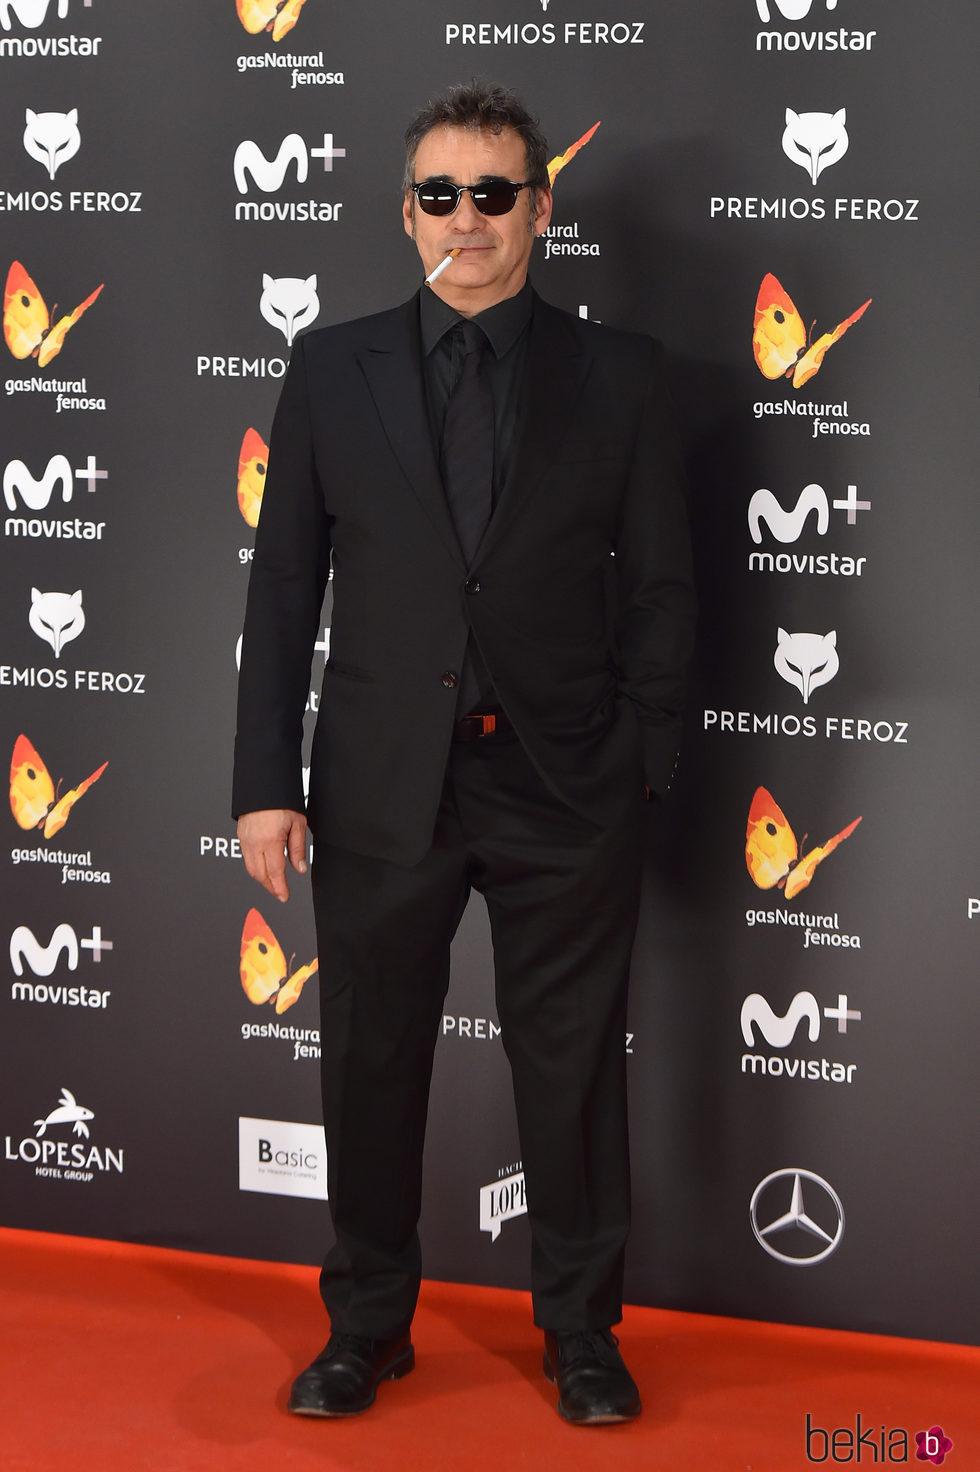 Eduard fern ndez en la alfombra roja de los premios feroz - Alfombras los fernandez ...